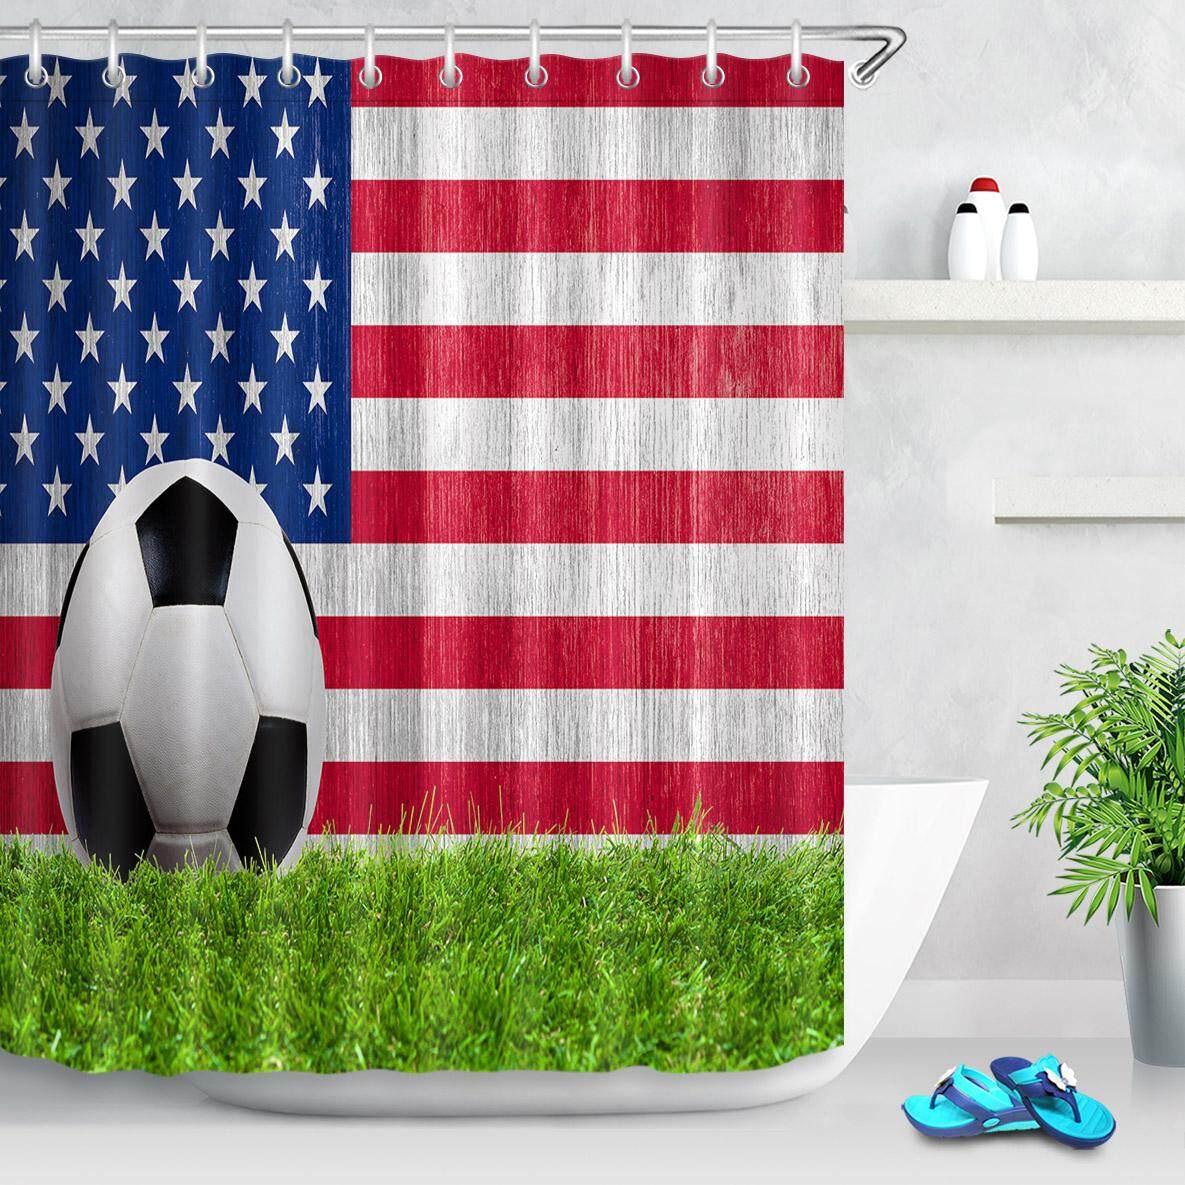 Bendera Amerika Sepak Bola 180X180 Cm Gorden Mandi Tahan Air Liner Anti Bakteri Tirai Mandi Tahan